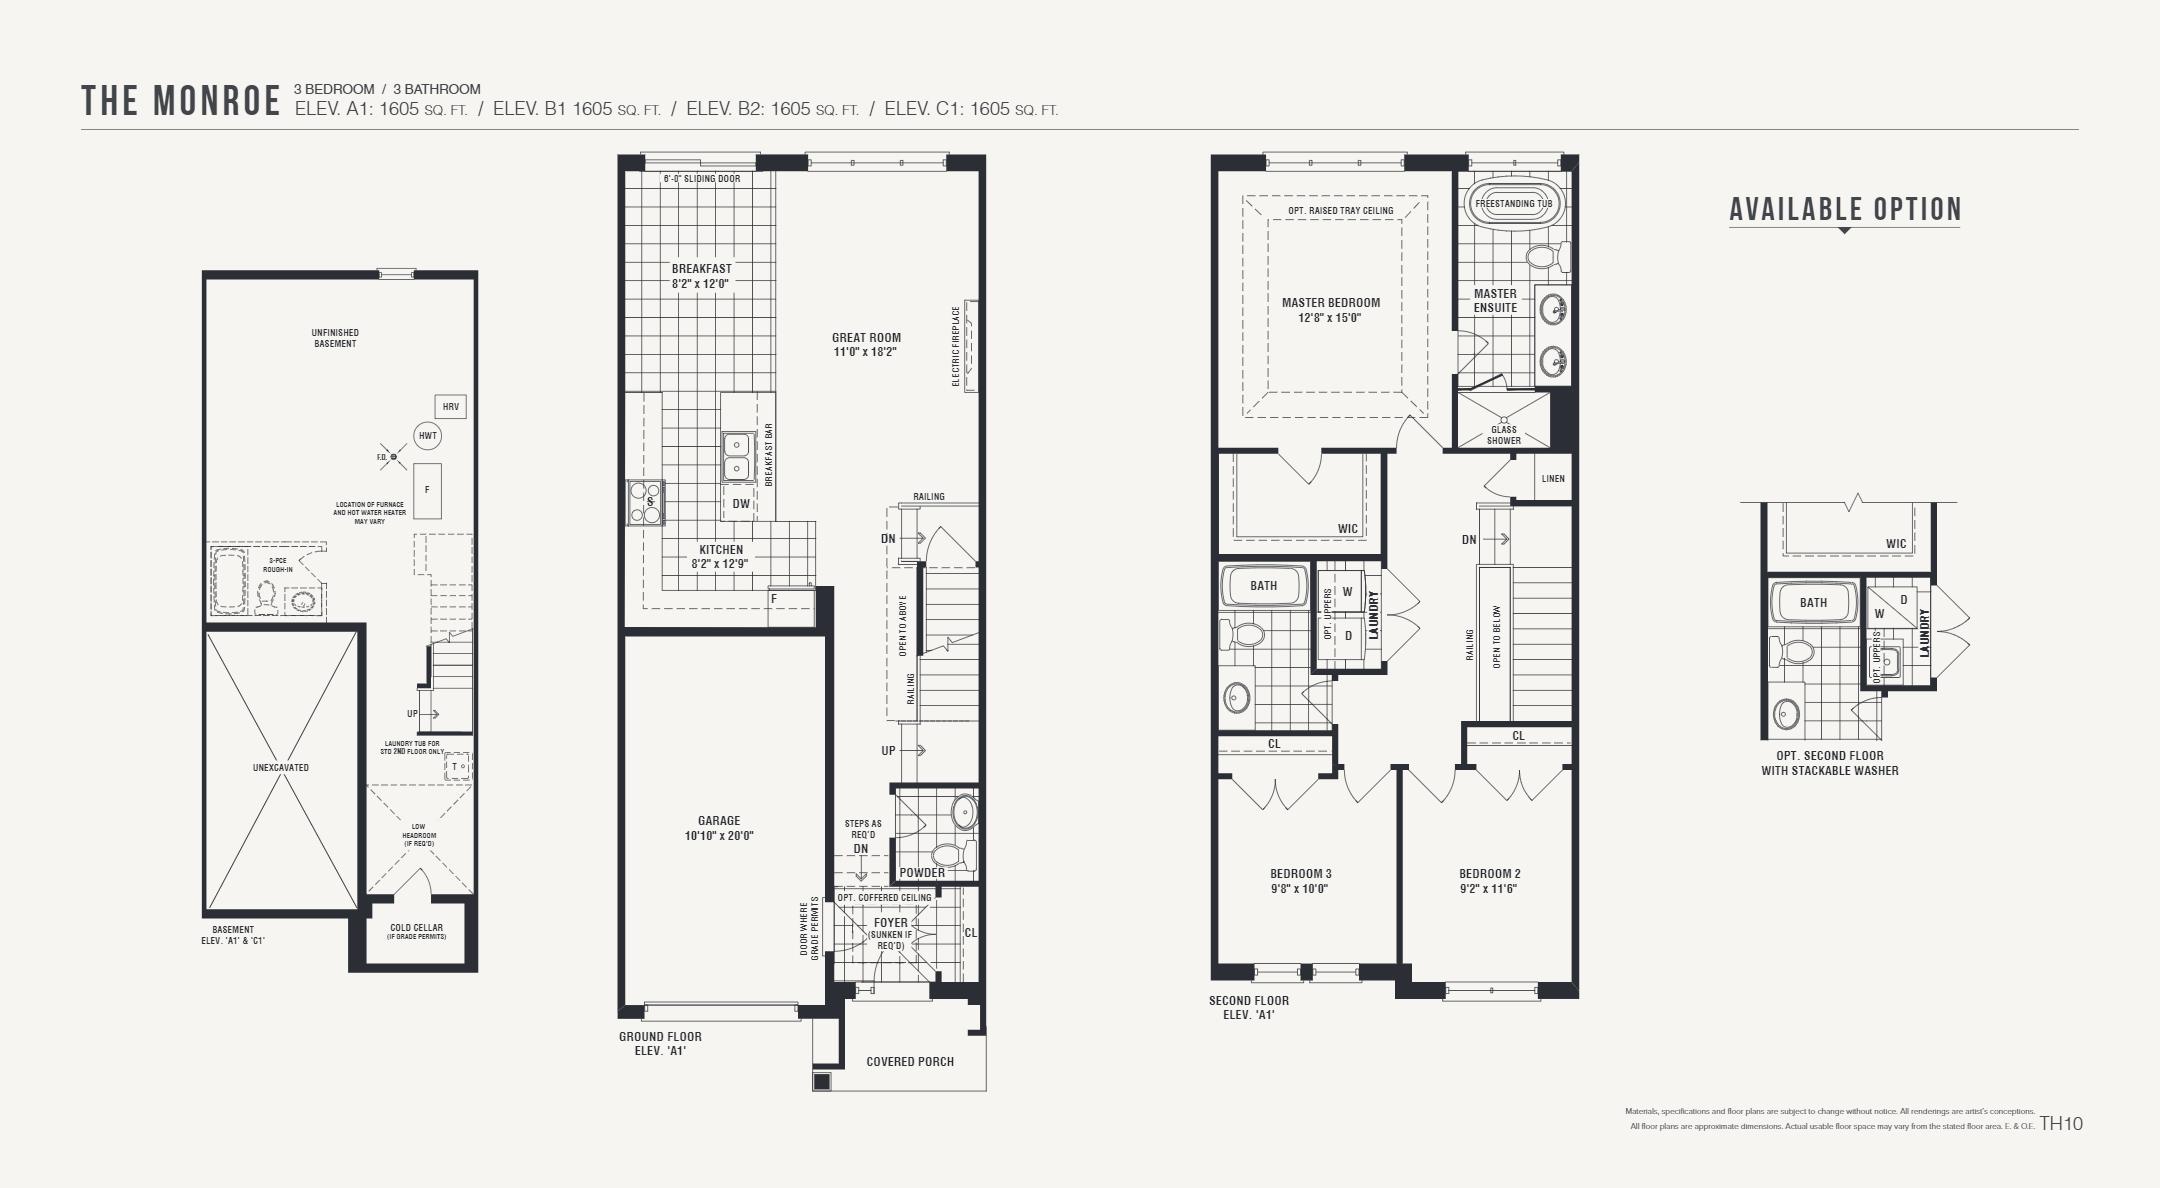 Floor plan of The Monroe